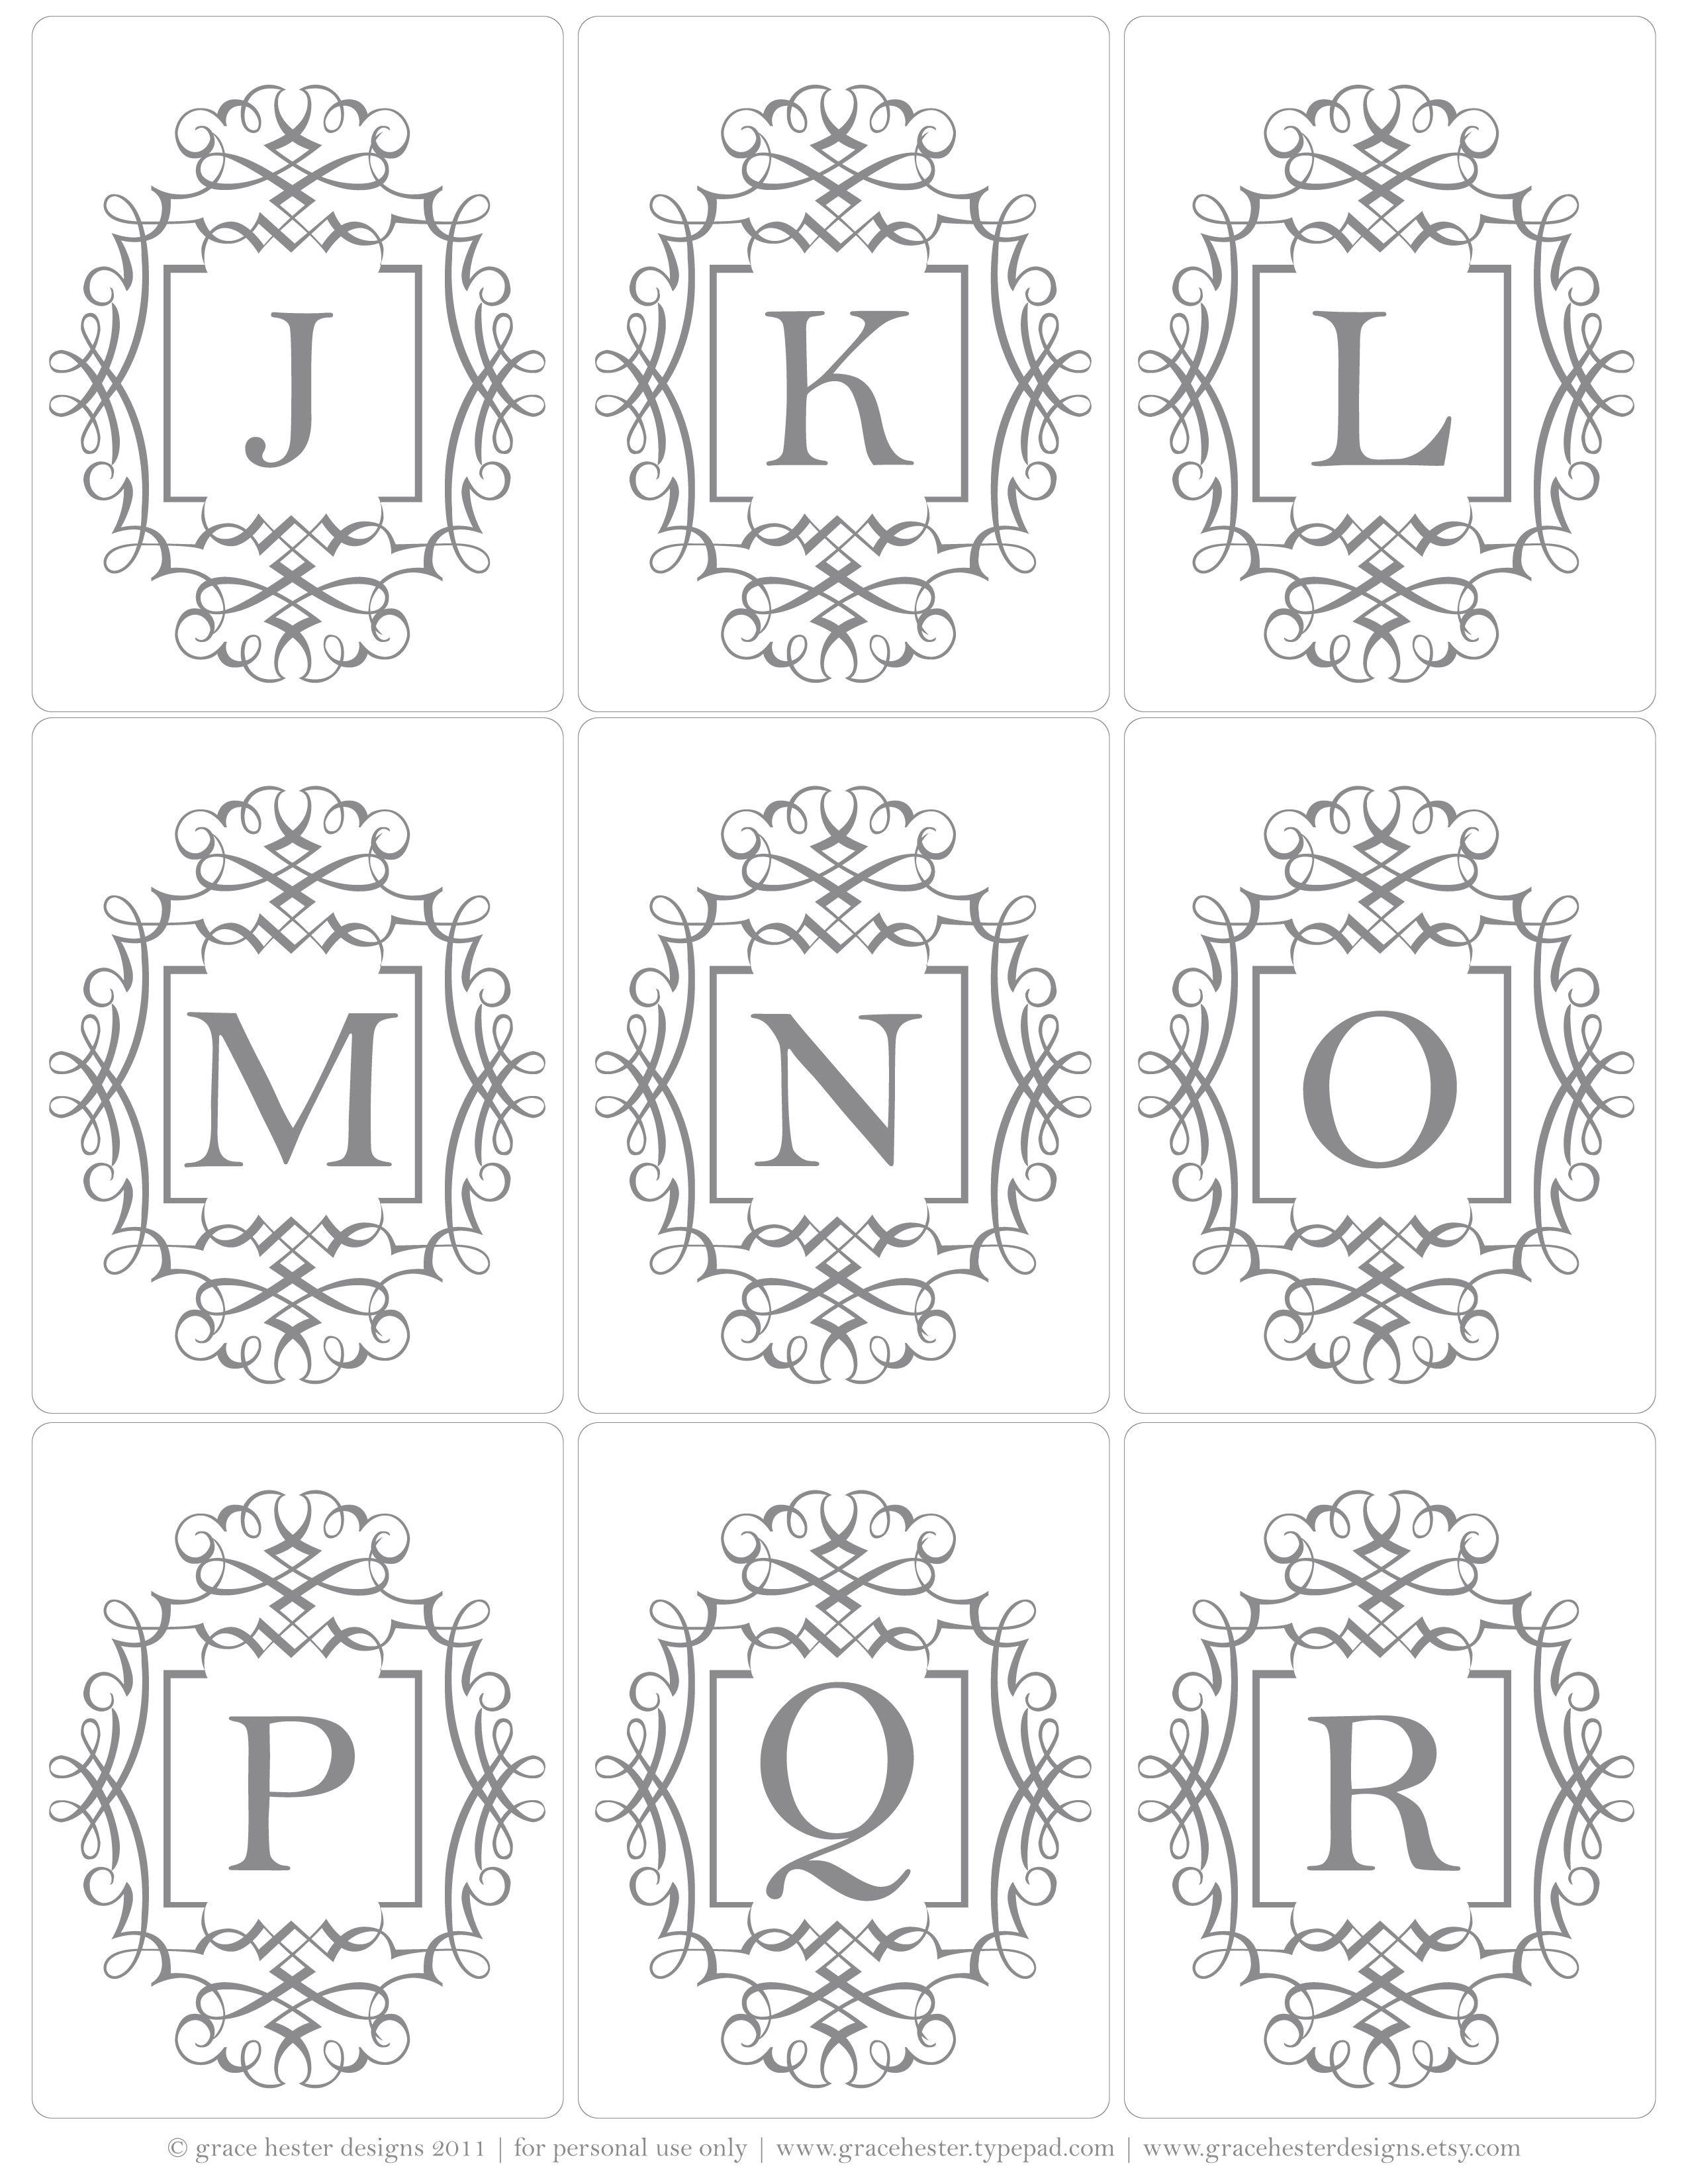 Álbum De Imágenes Para La Inspiración | Silhouette Cameo | Pinterest - Free Printable Monogram